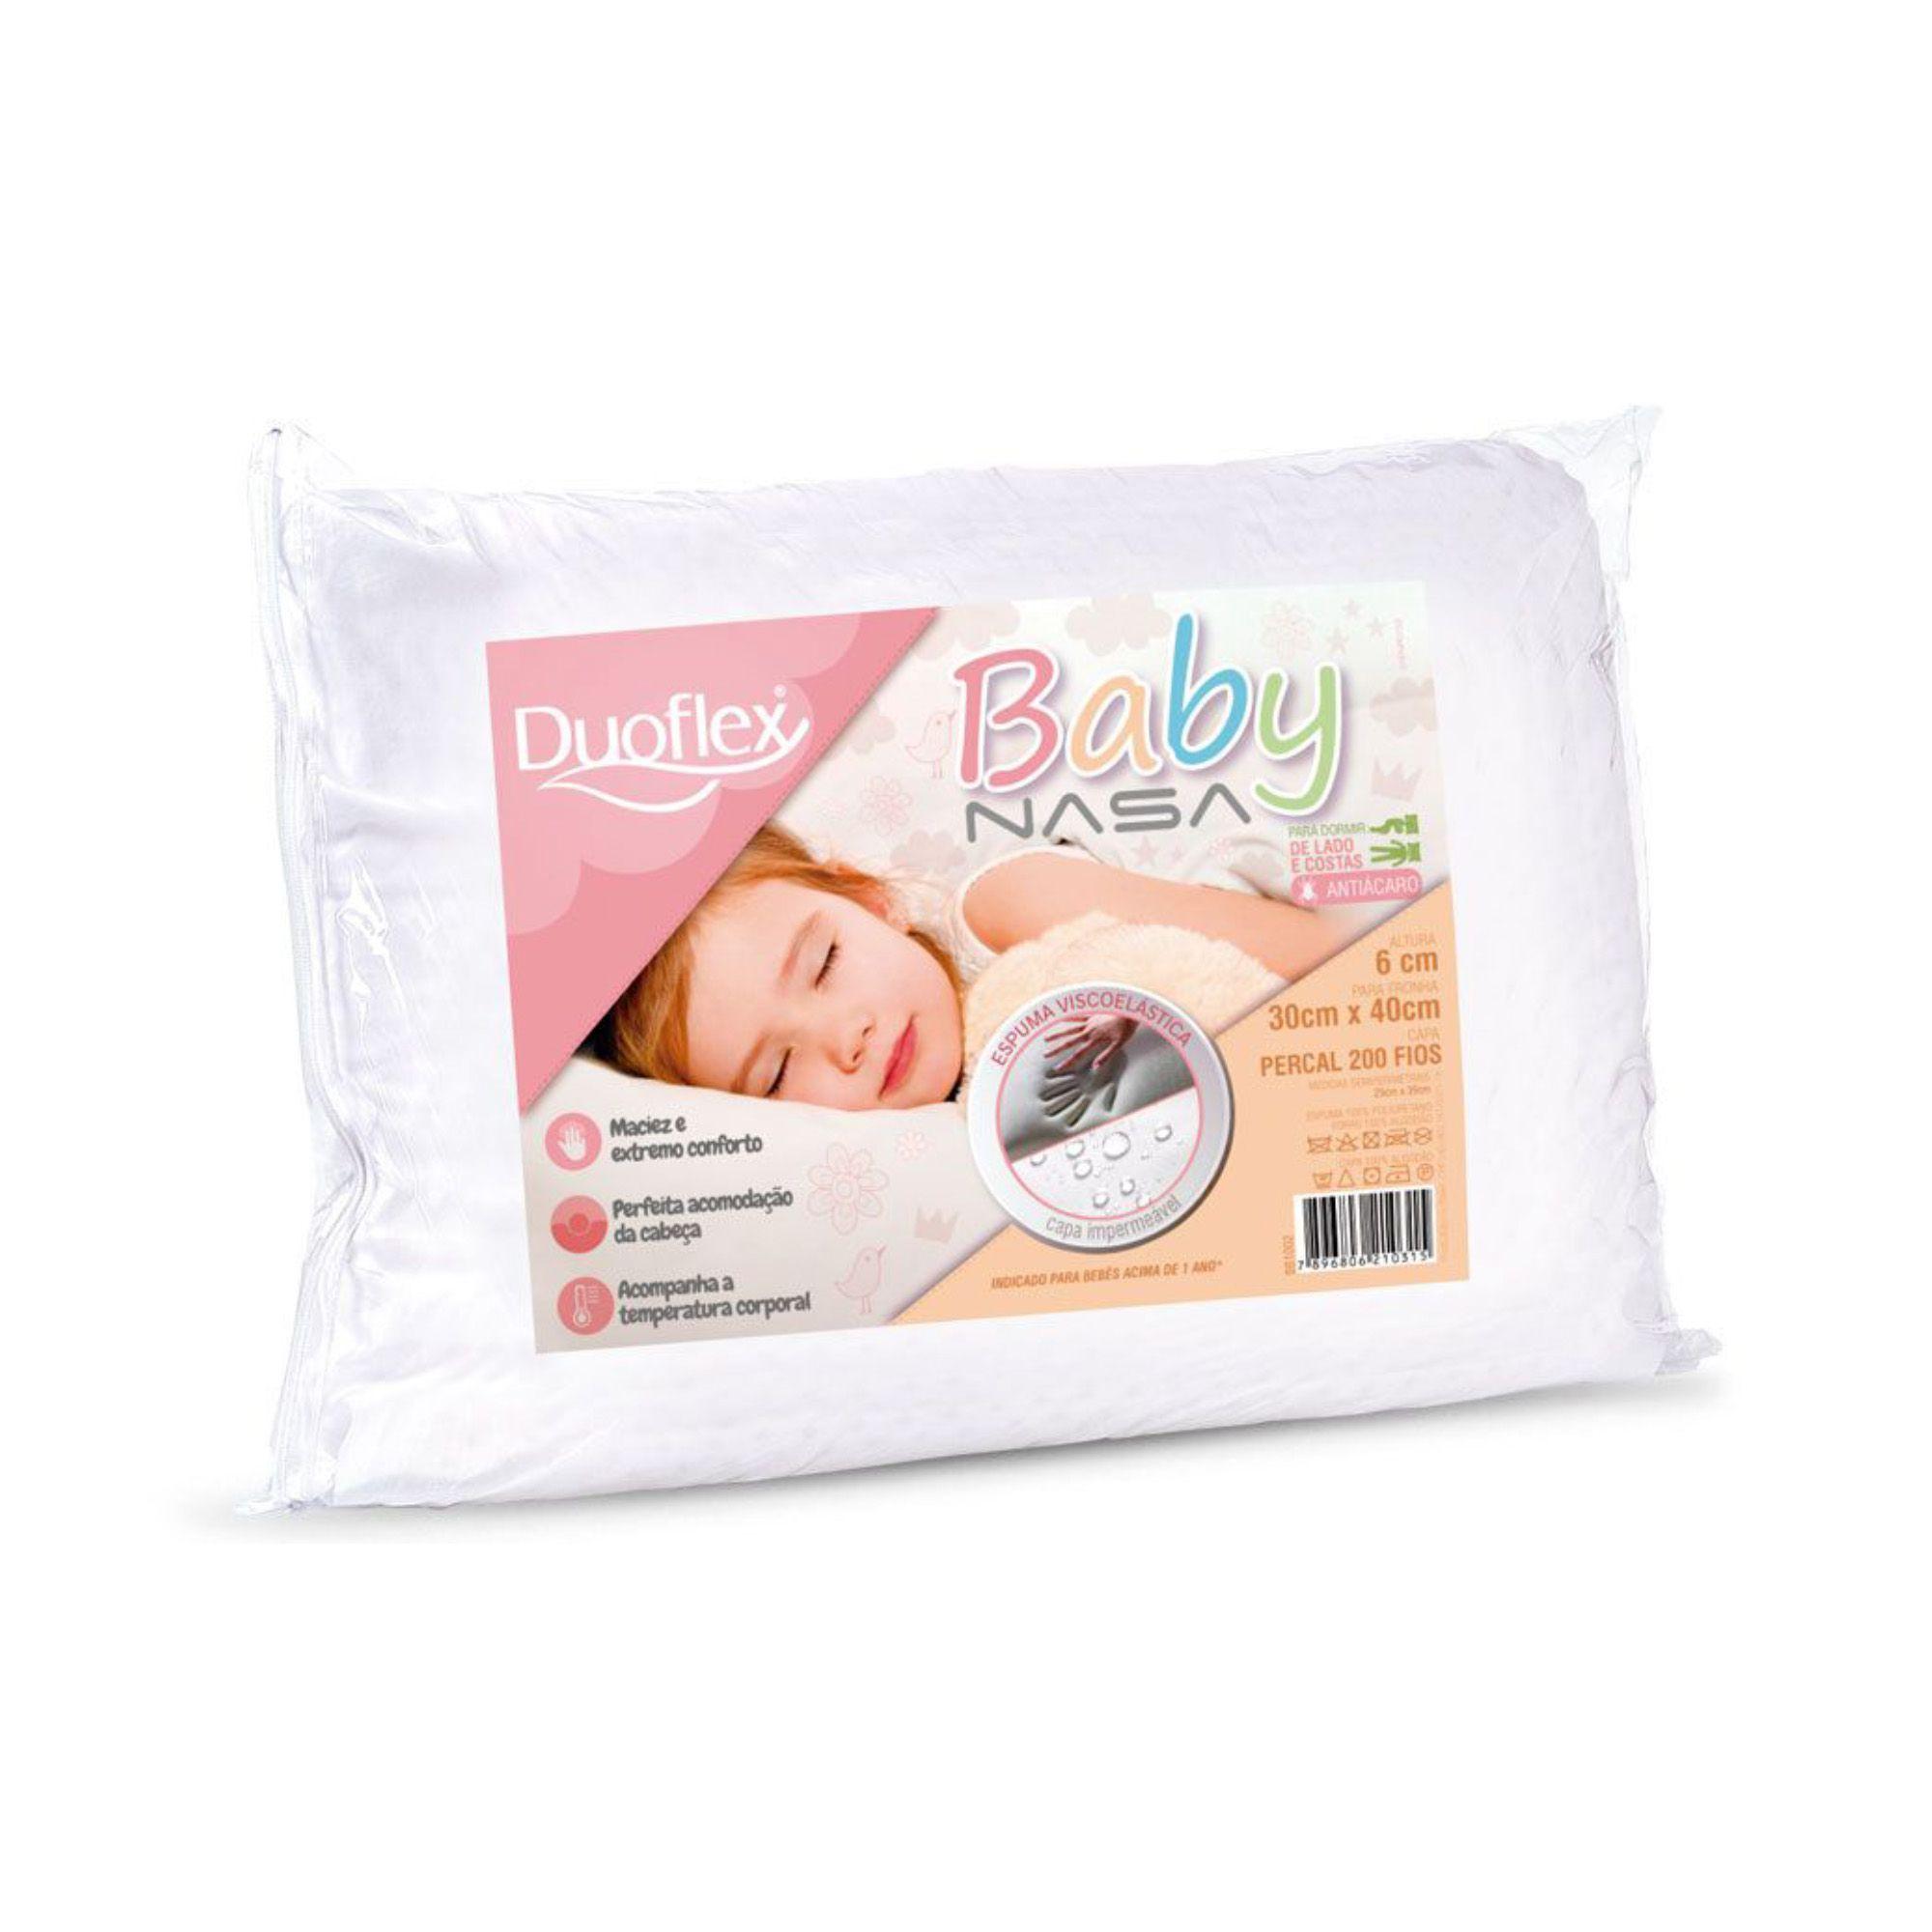 Travesseiro Duoflex Baby Nasa para Bebês acima de 1 ano, com Capa Impermeável, Extra Macio, 030 x 040 x 006 cm